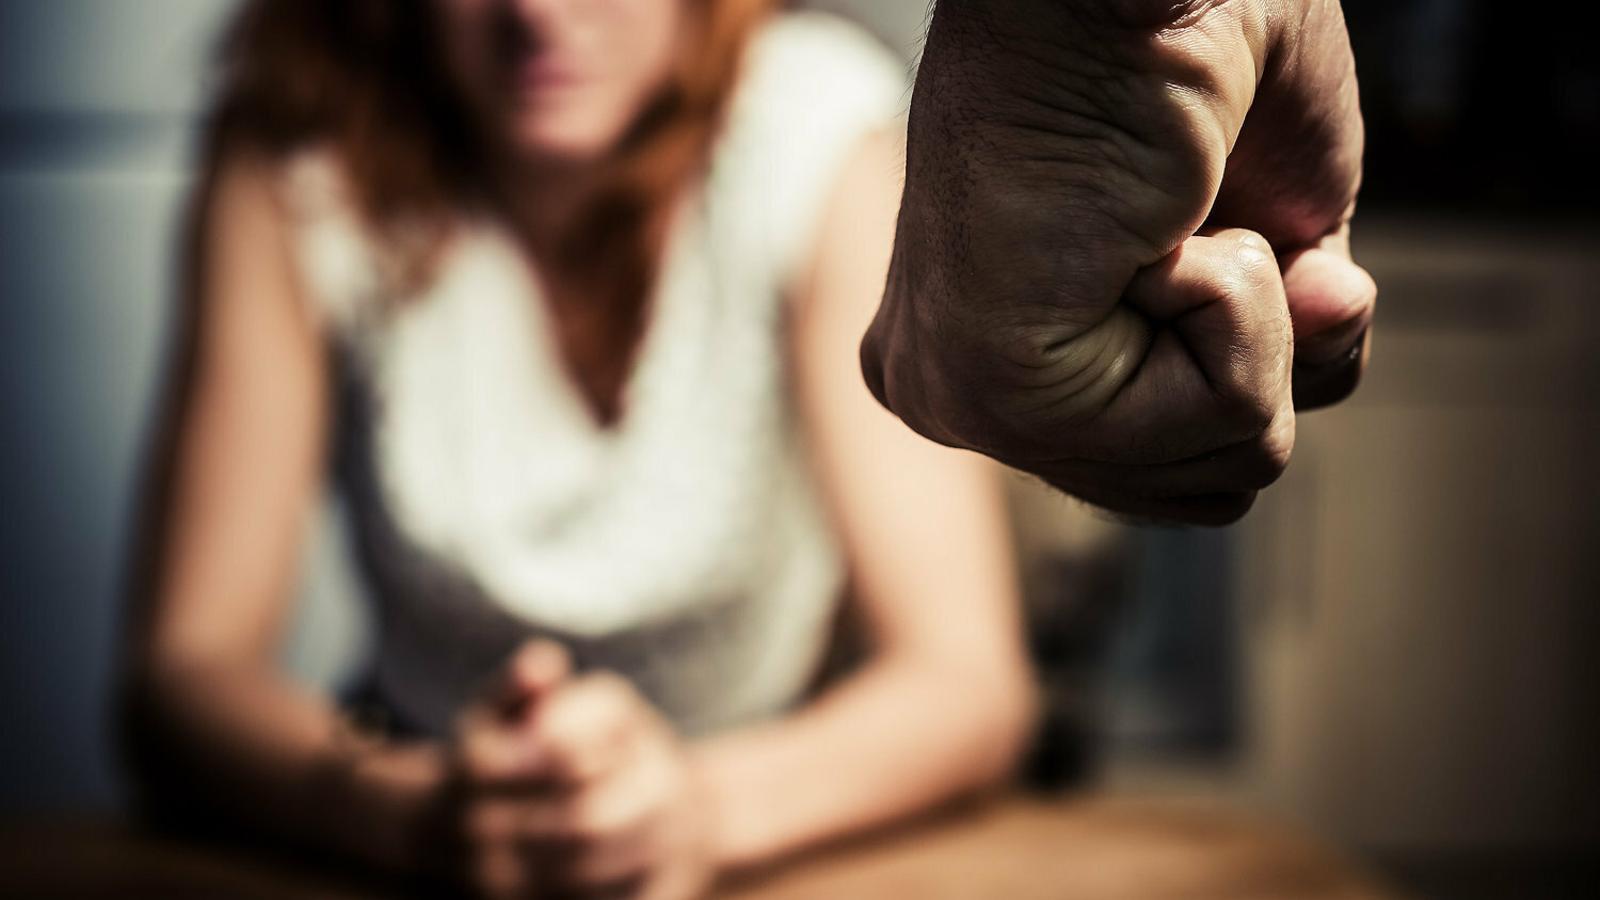 Els delictes sexuals es disparen un 36% a les Balears